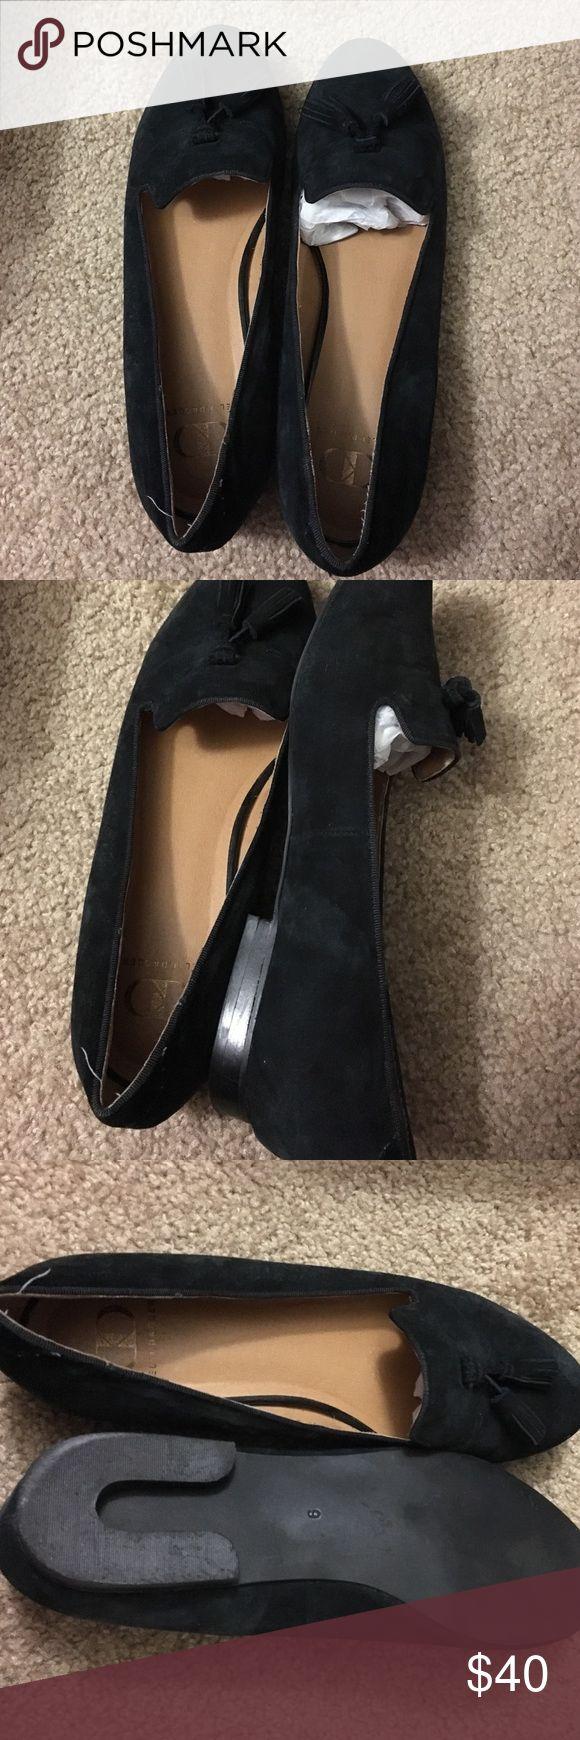 Kelsi Dagger black loafers Adorable black leather upper flats by Kelsi Dagger size 9. In excellent condition. Kelsi Dagger Shoes Flats & Loafers